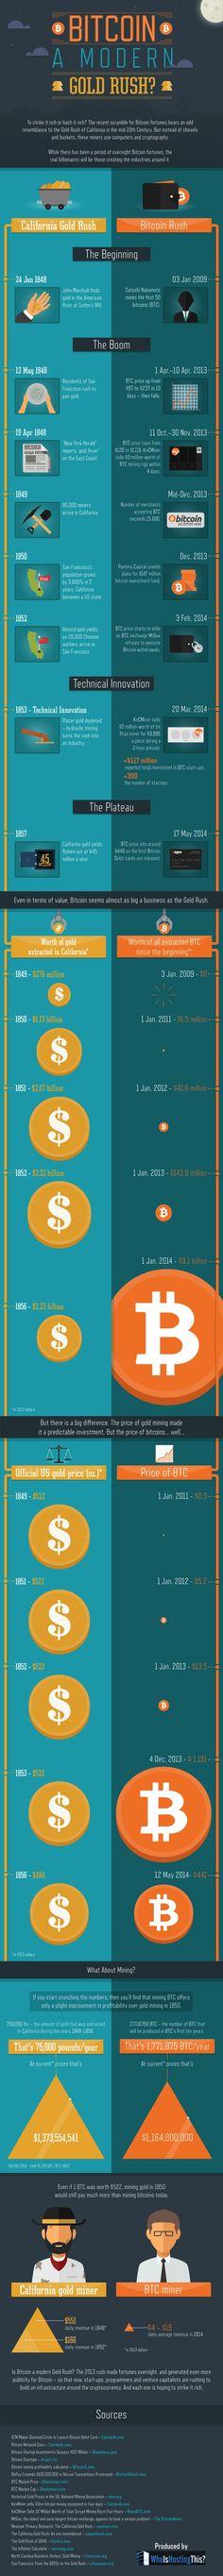 Bitcoin: A Modern Gold Rush?